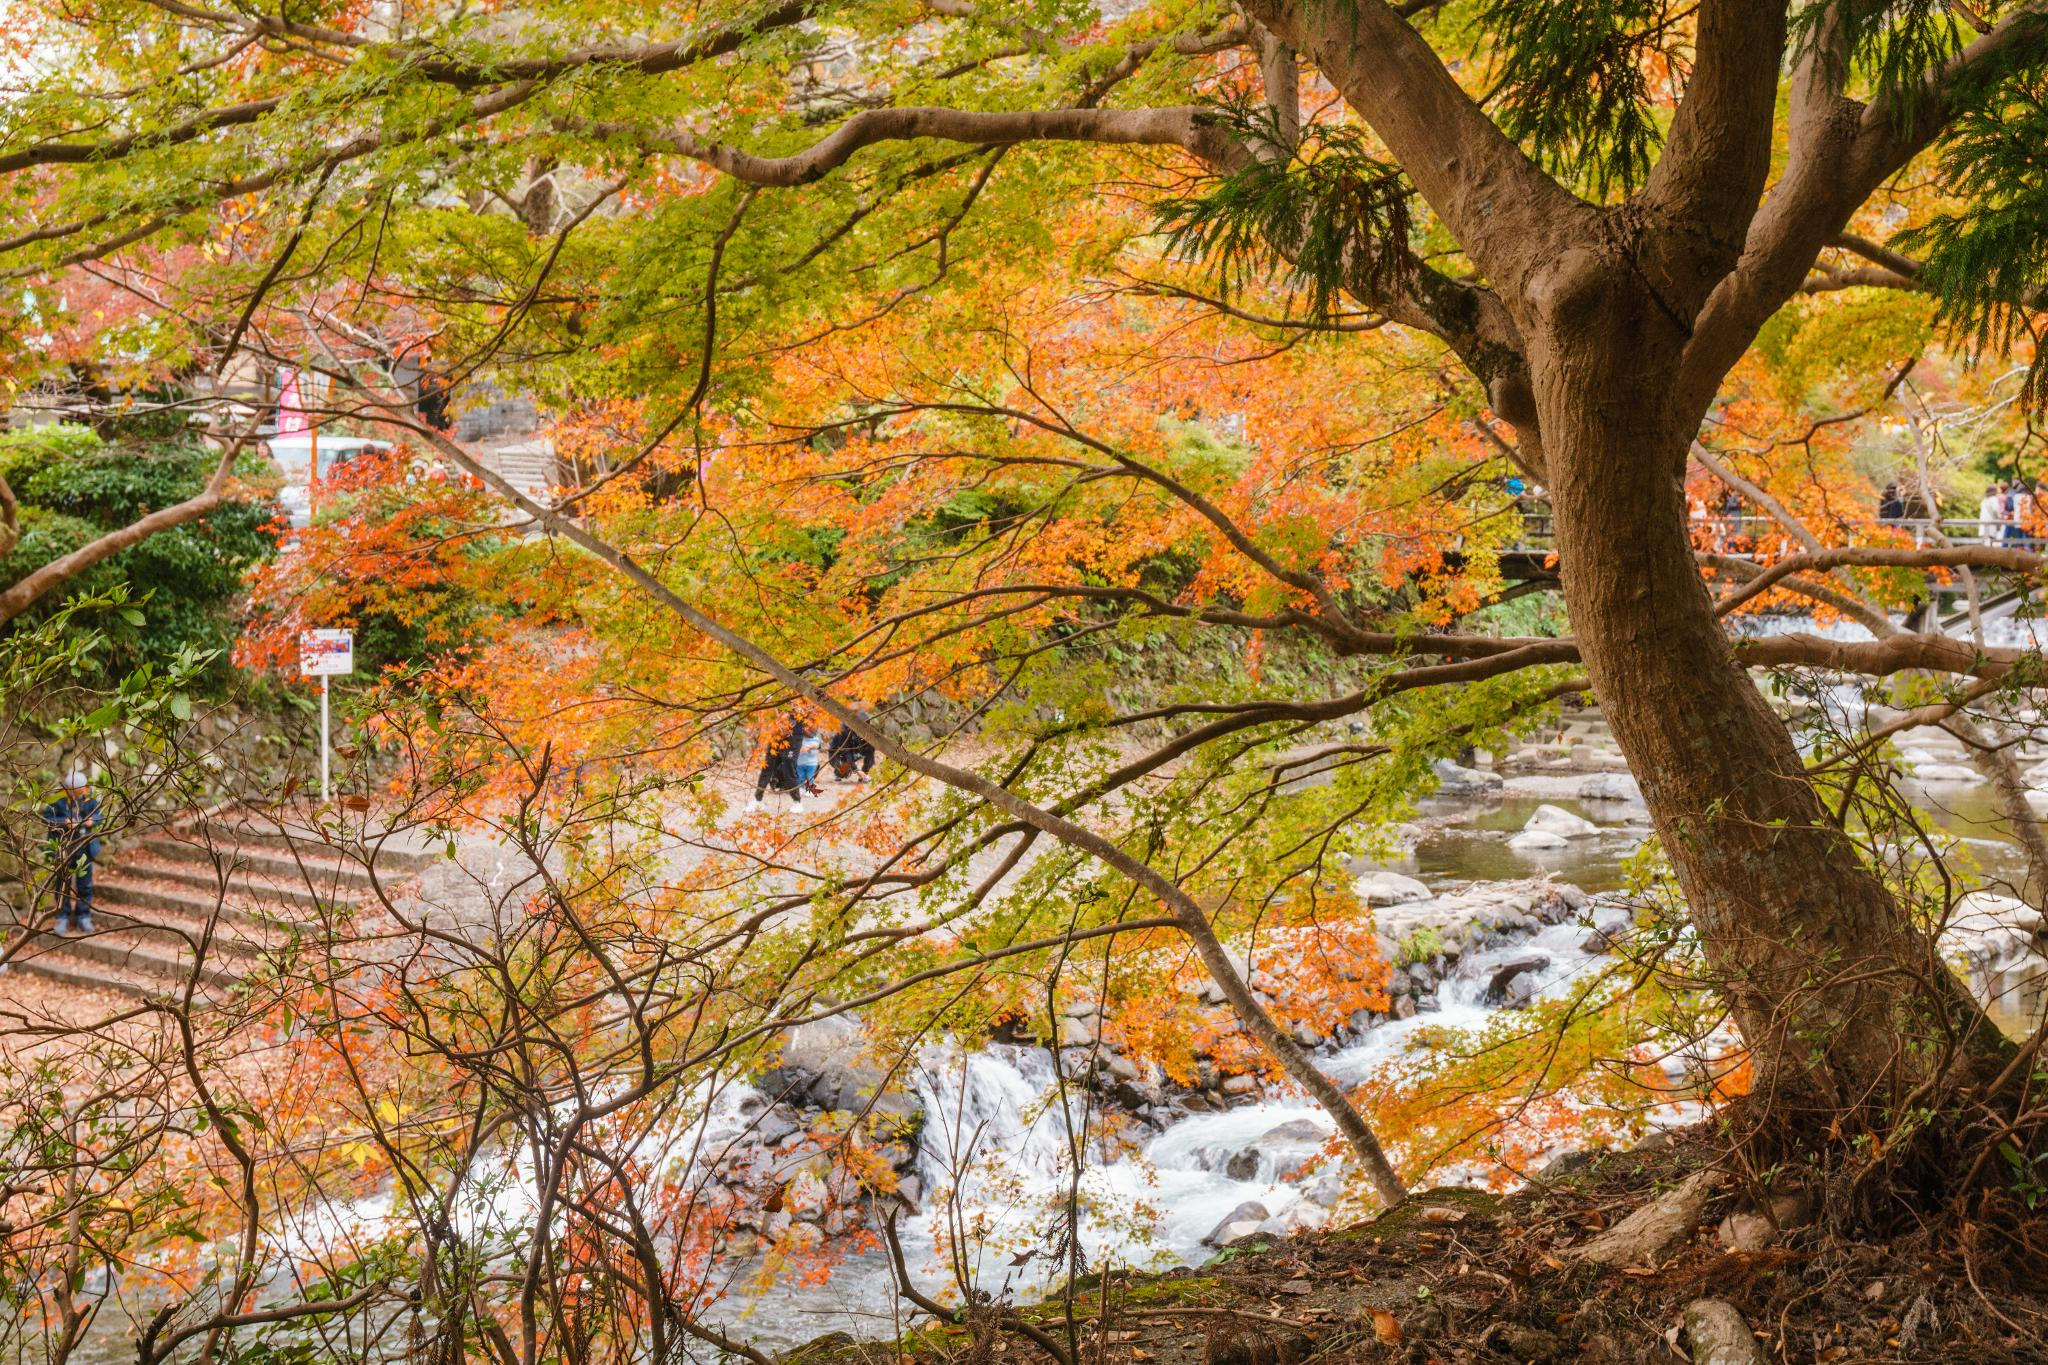 【京都】如夢似幻的琉璃光影 - 八瀨琉璃光院 75